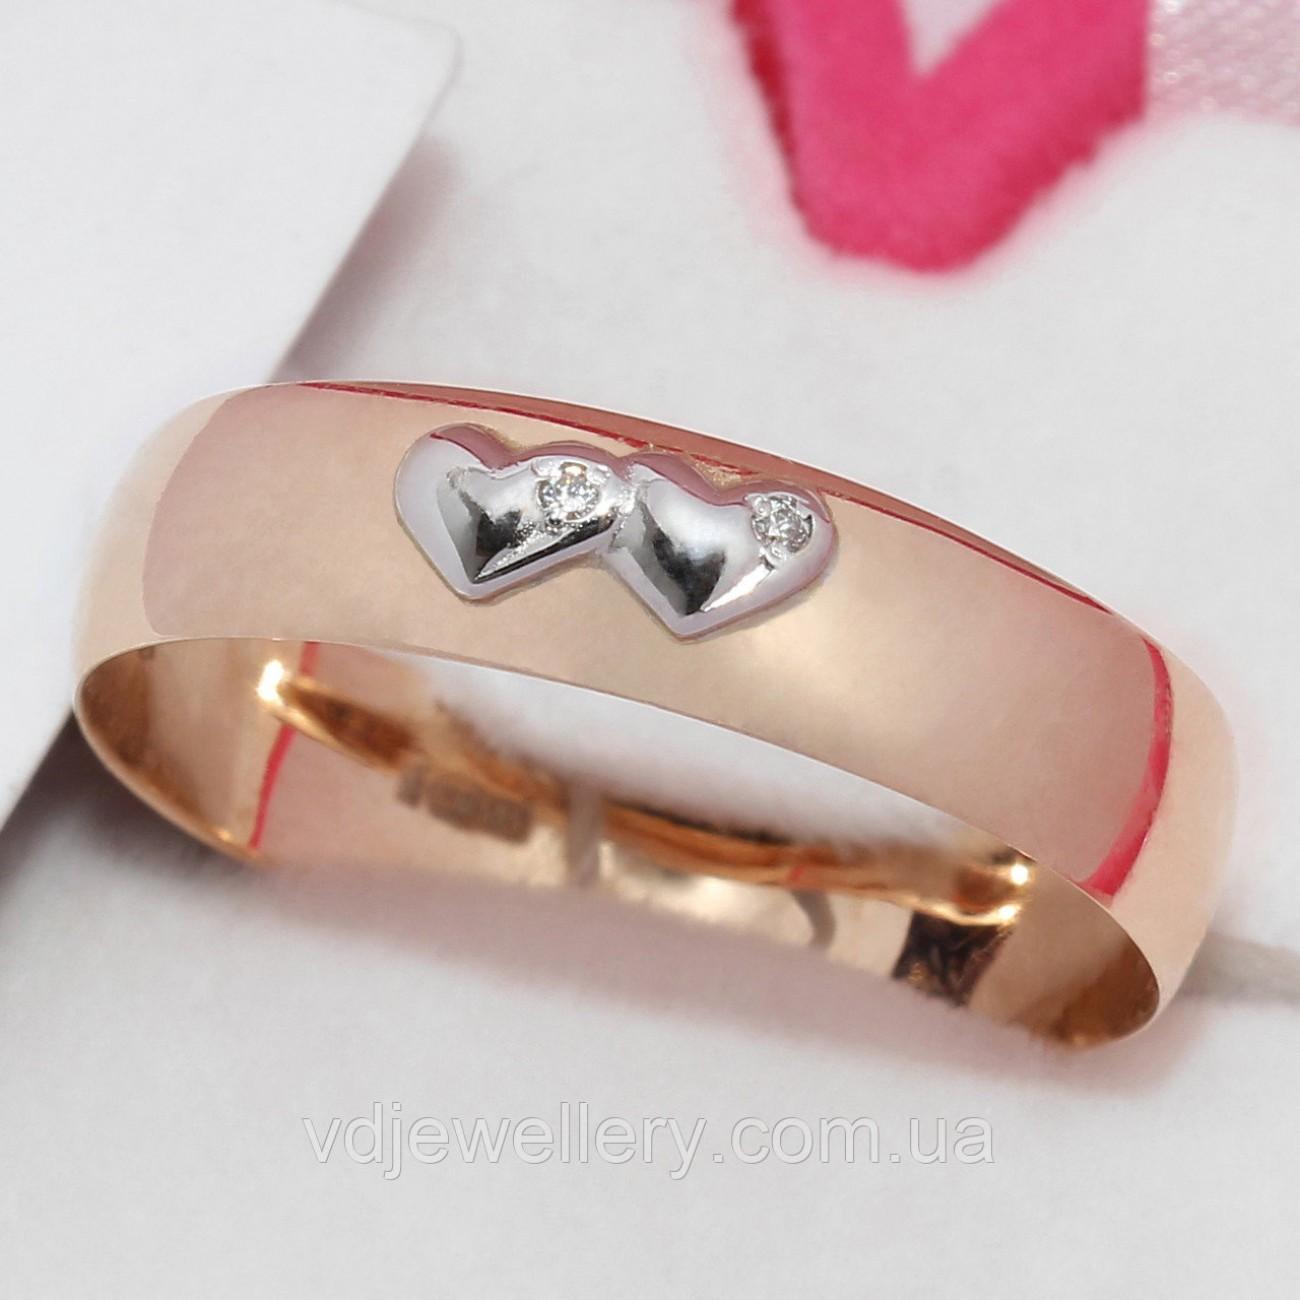 Золотое обручальное кольцо ХОК-23